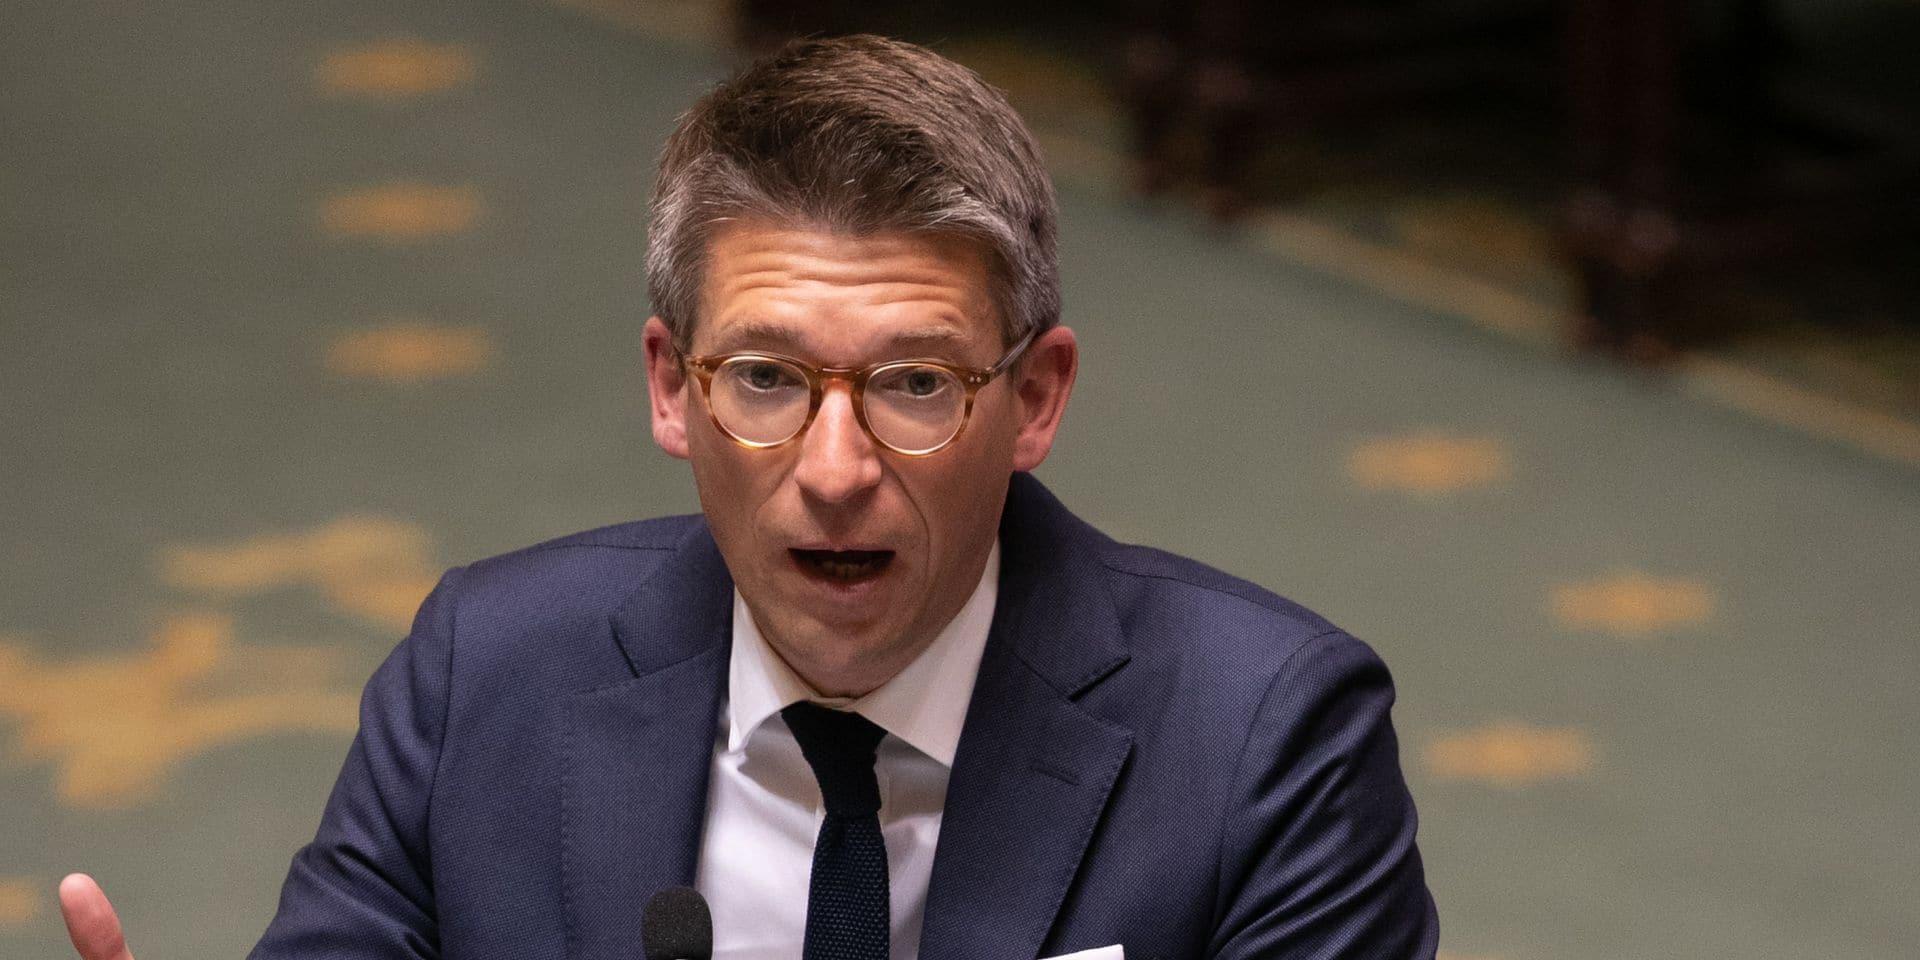 Cet accord représente une victoire importante pour le ministre de l'Economie Pierre-Yves Dermagne (PS).